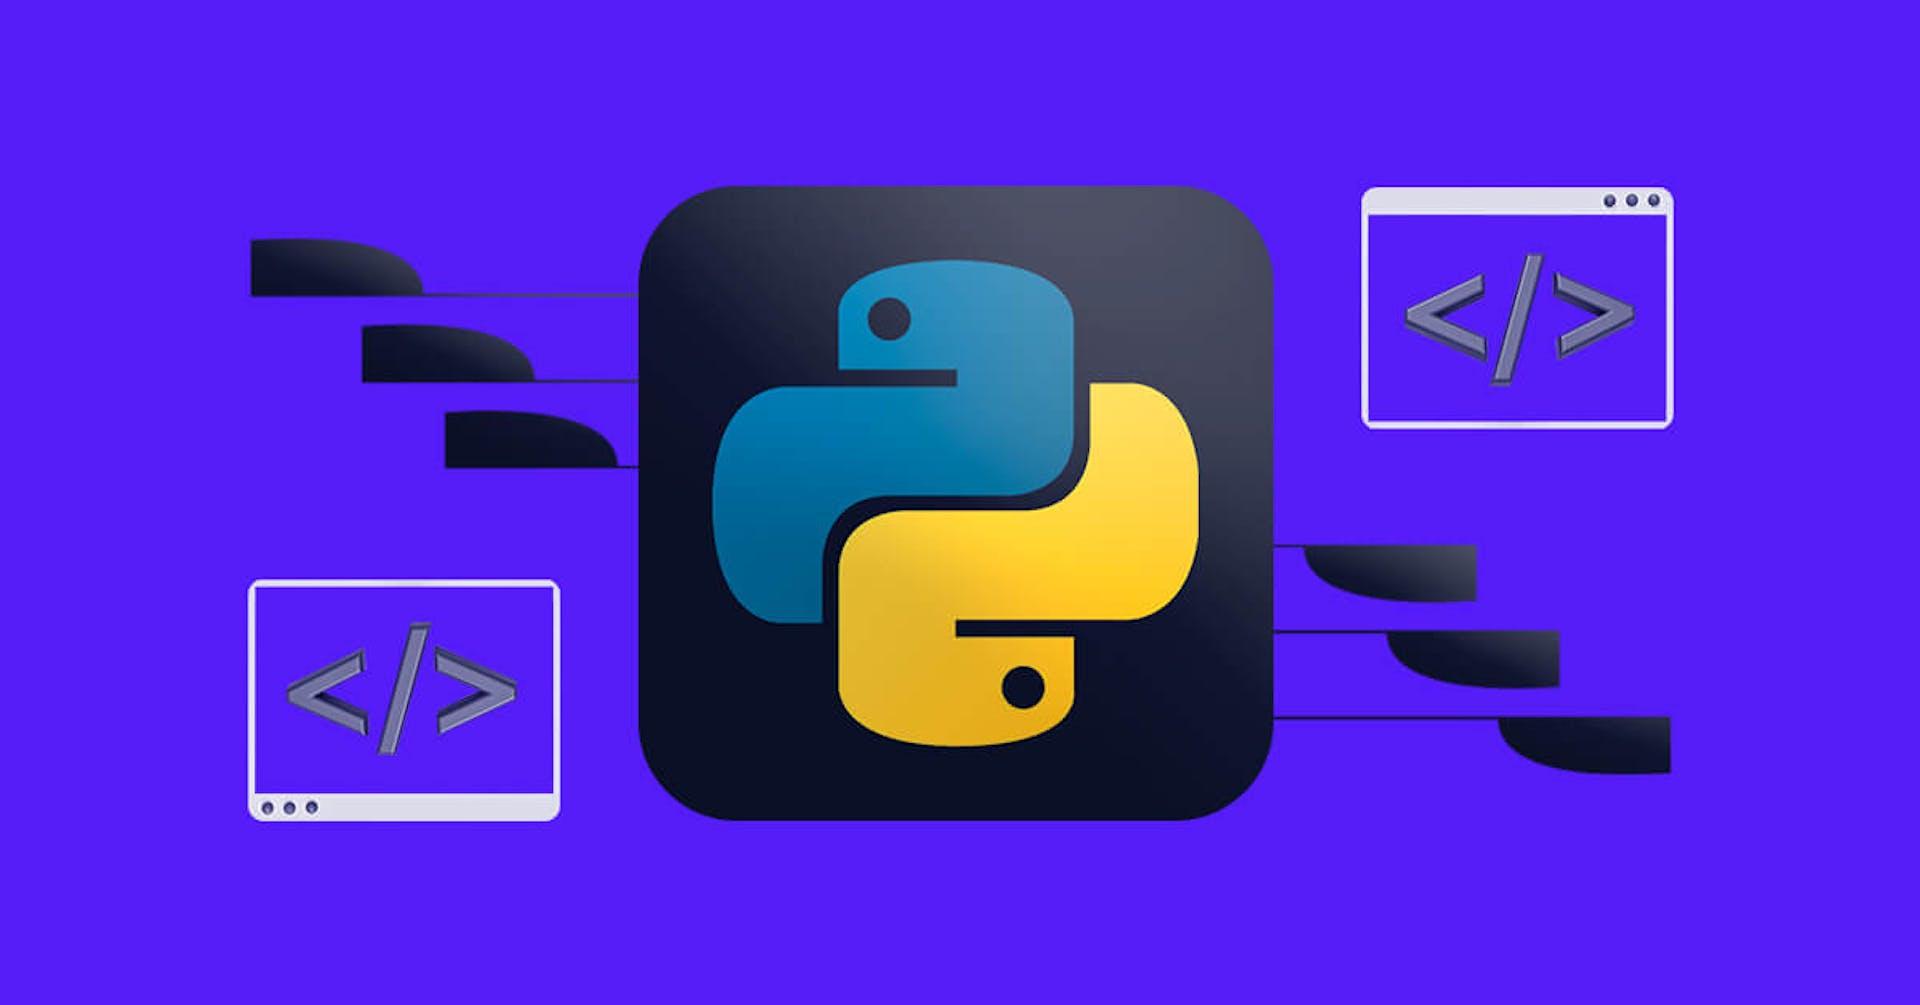 Aprende lenguaje de programación: Crea funciones en Python de forma exitosa